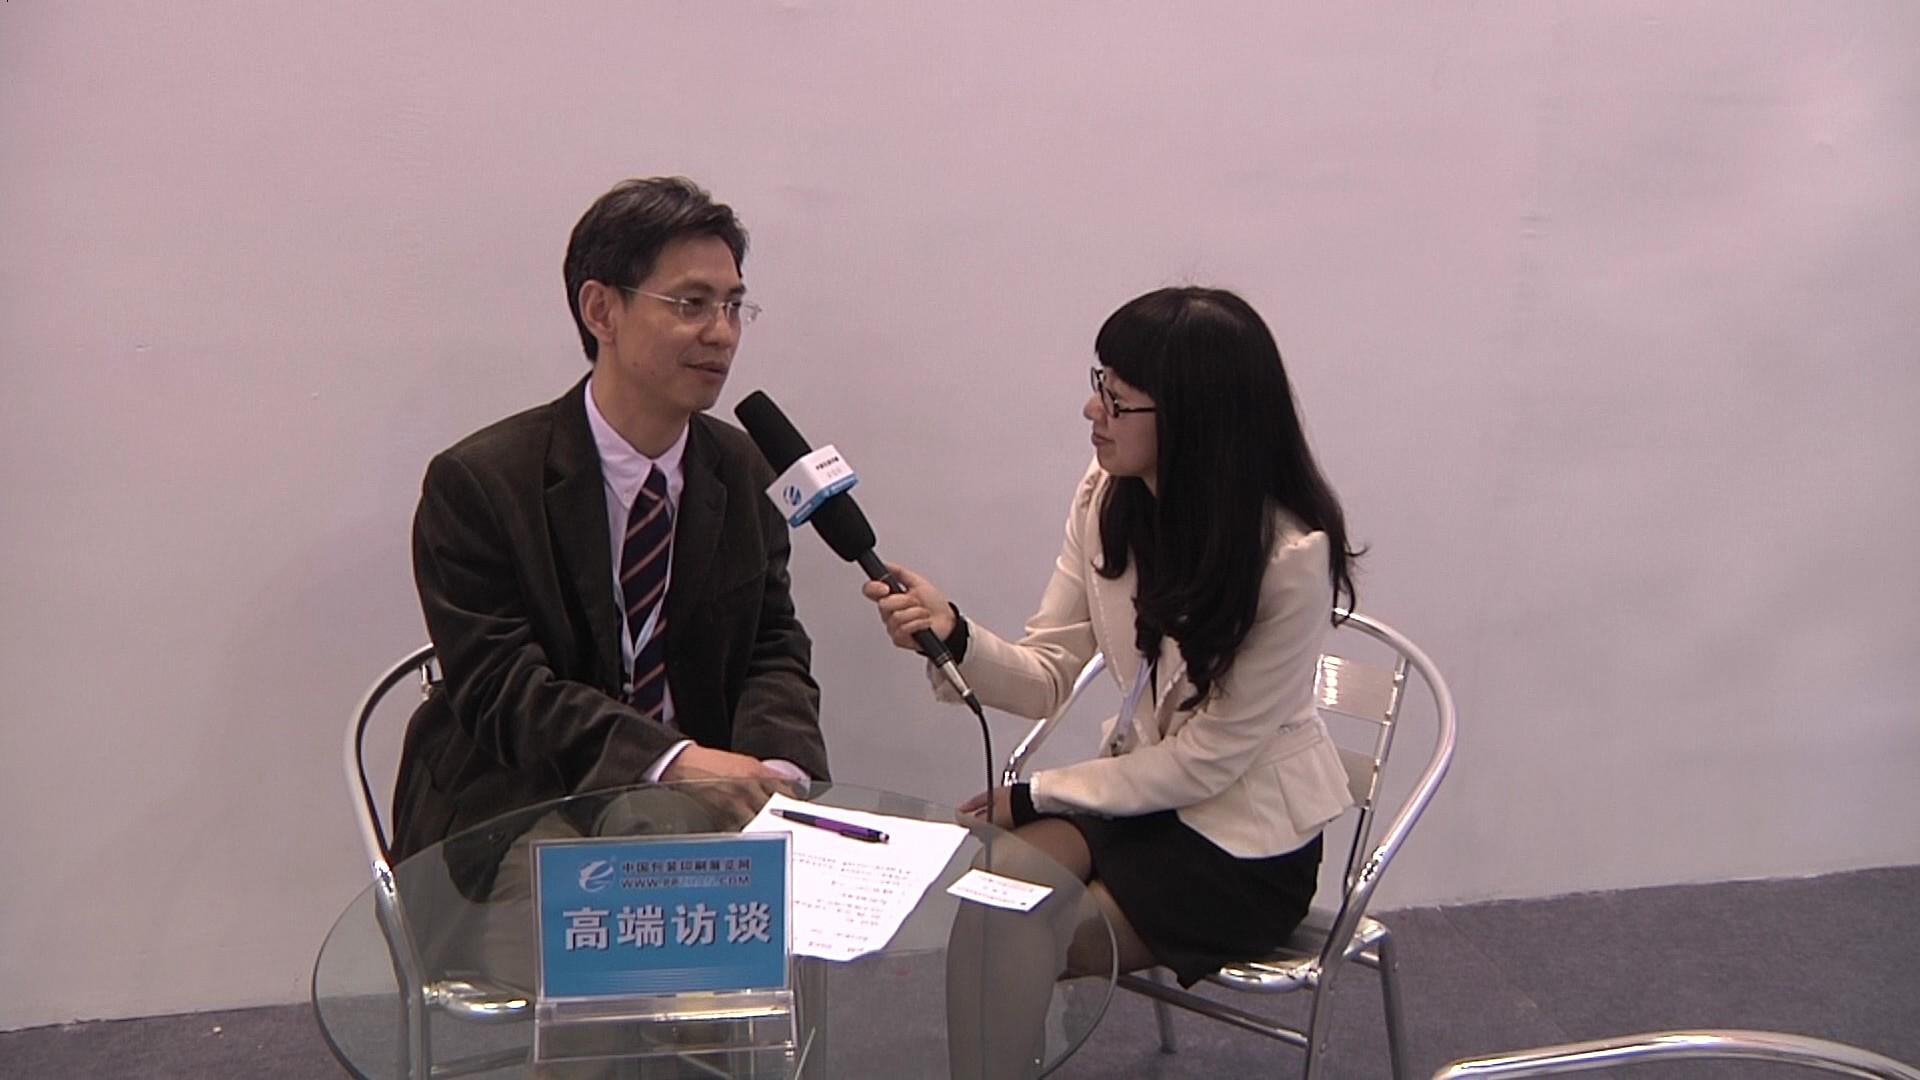 嘉和永盛:民族工业应在竞争与合作中前行